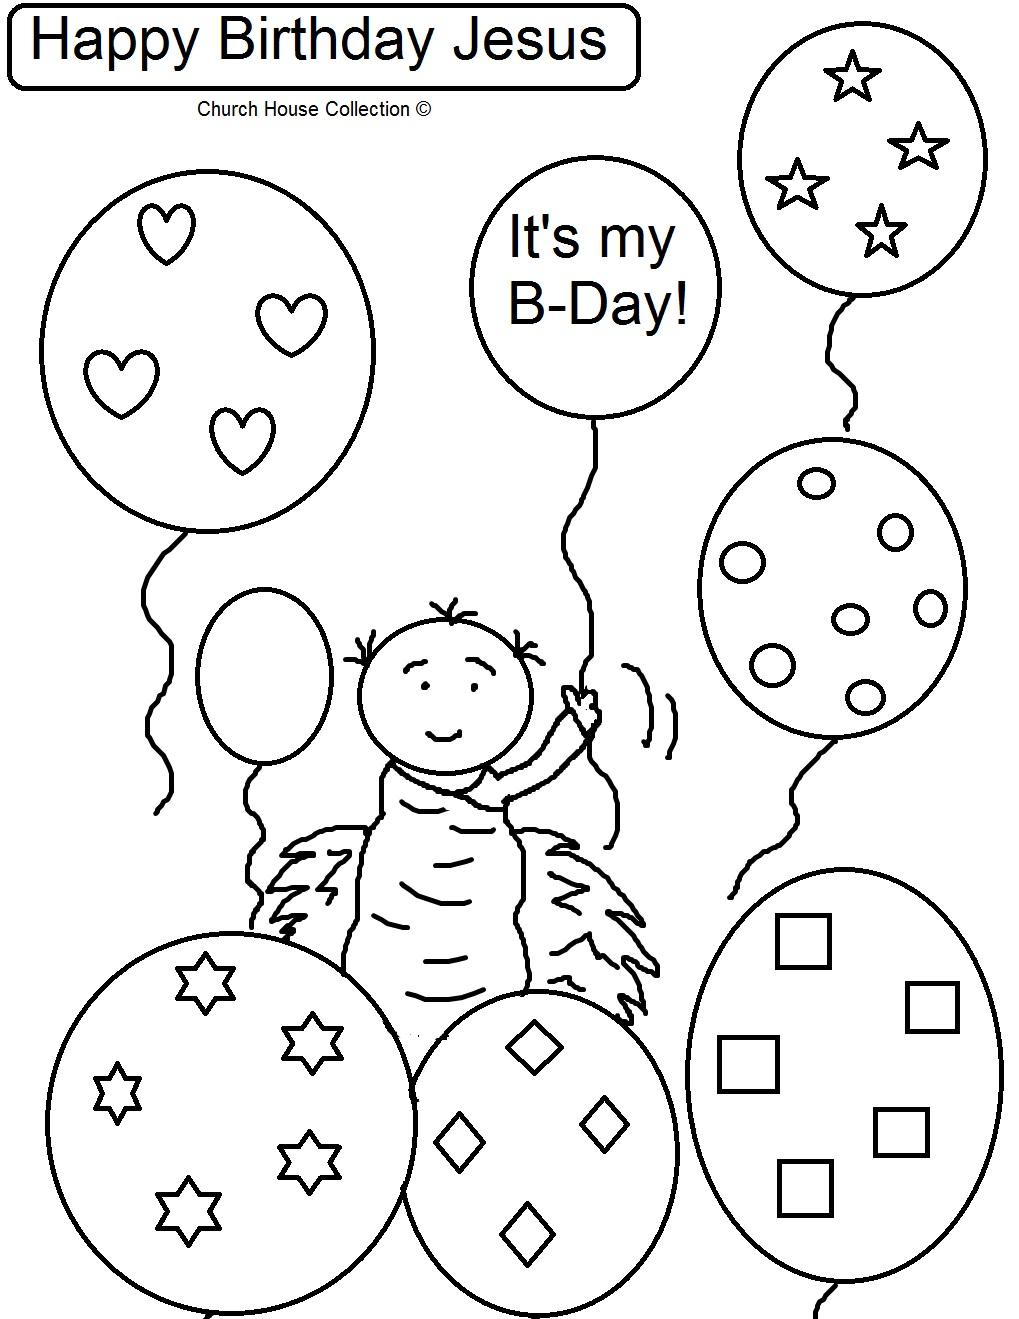 Happy Birthday Jesus Holding Balloons